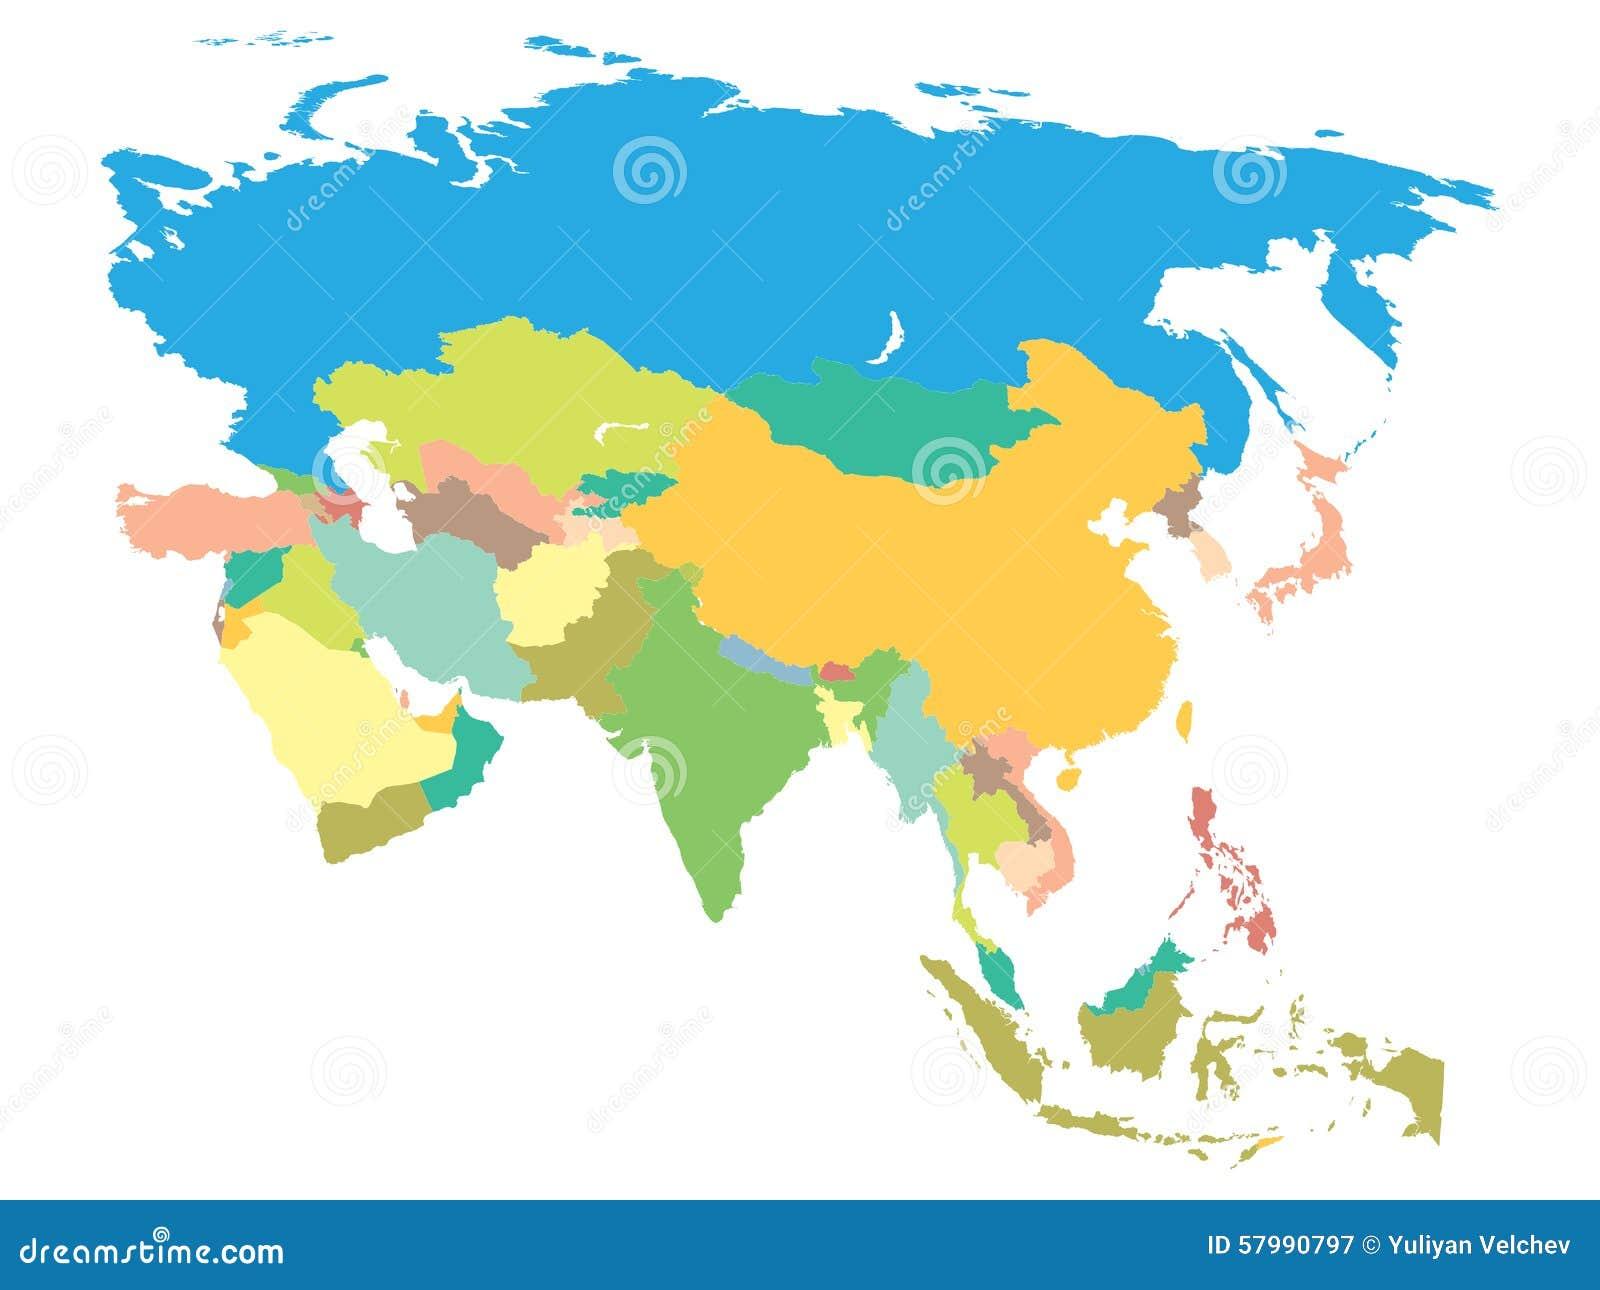 Asia Politica Cartina.Mappa Politica Asia Illustrazione Vettoriale Illustrazione